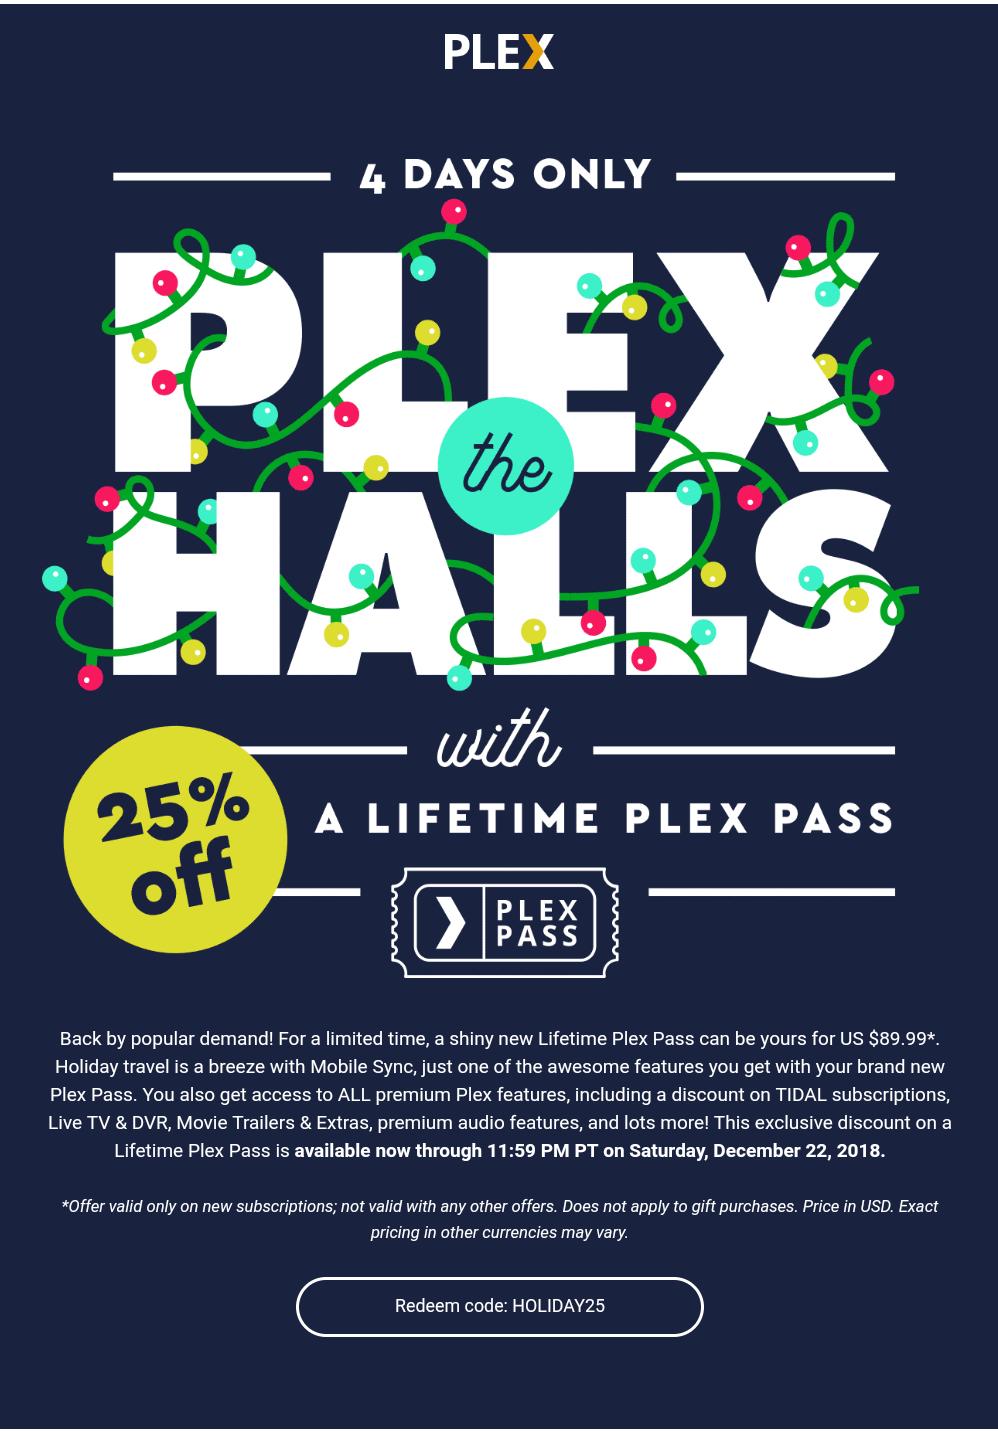 Plex - descuento cuenta lifetime (vitalicia)